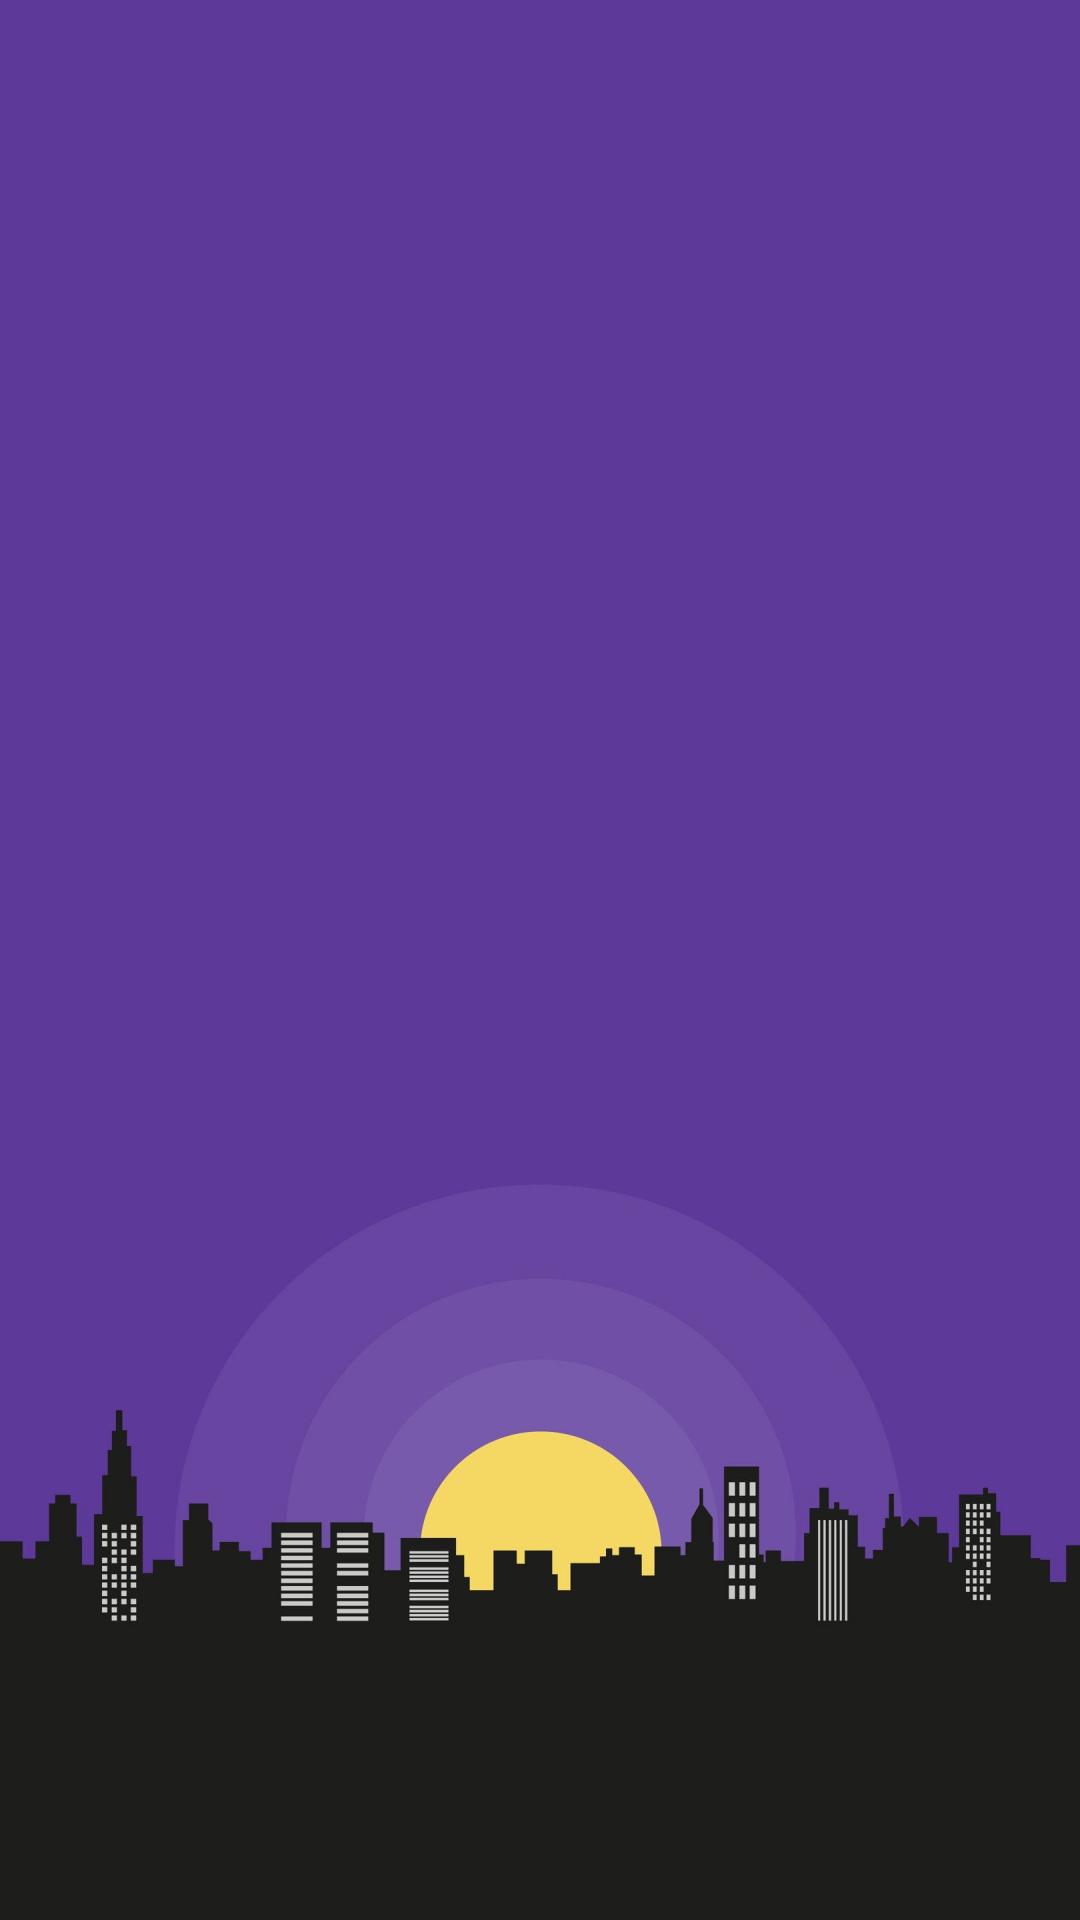 Free download Minimalist Purple Wallpapers Top Minimalist ...